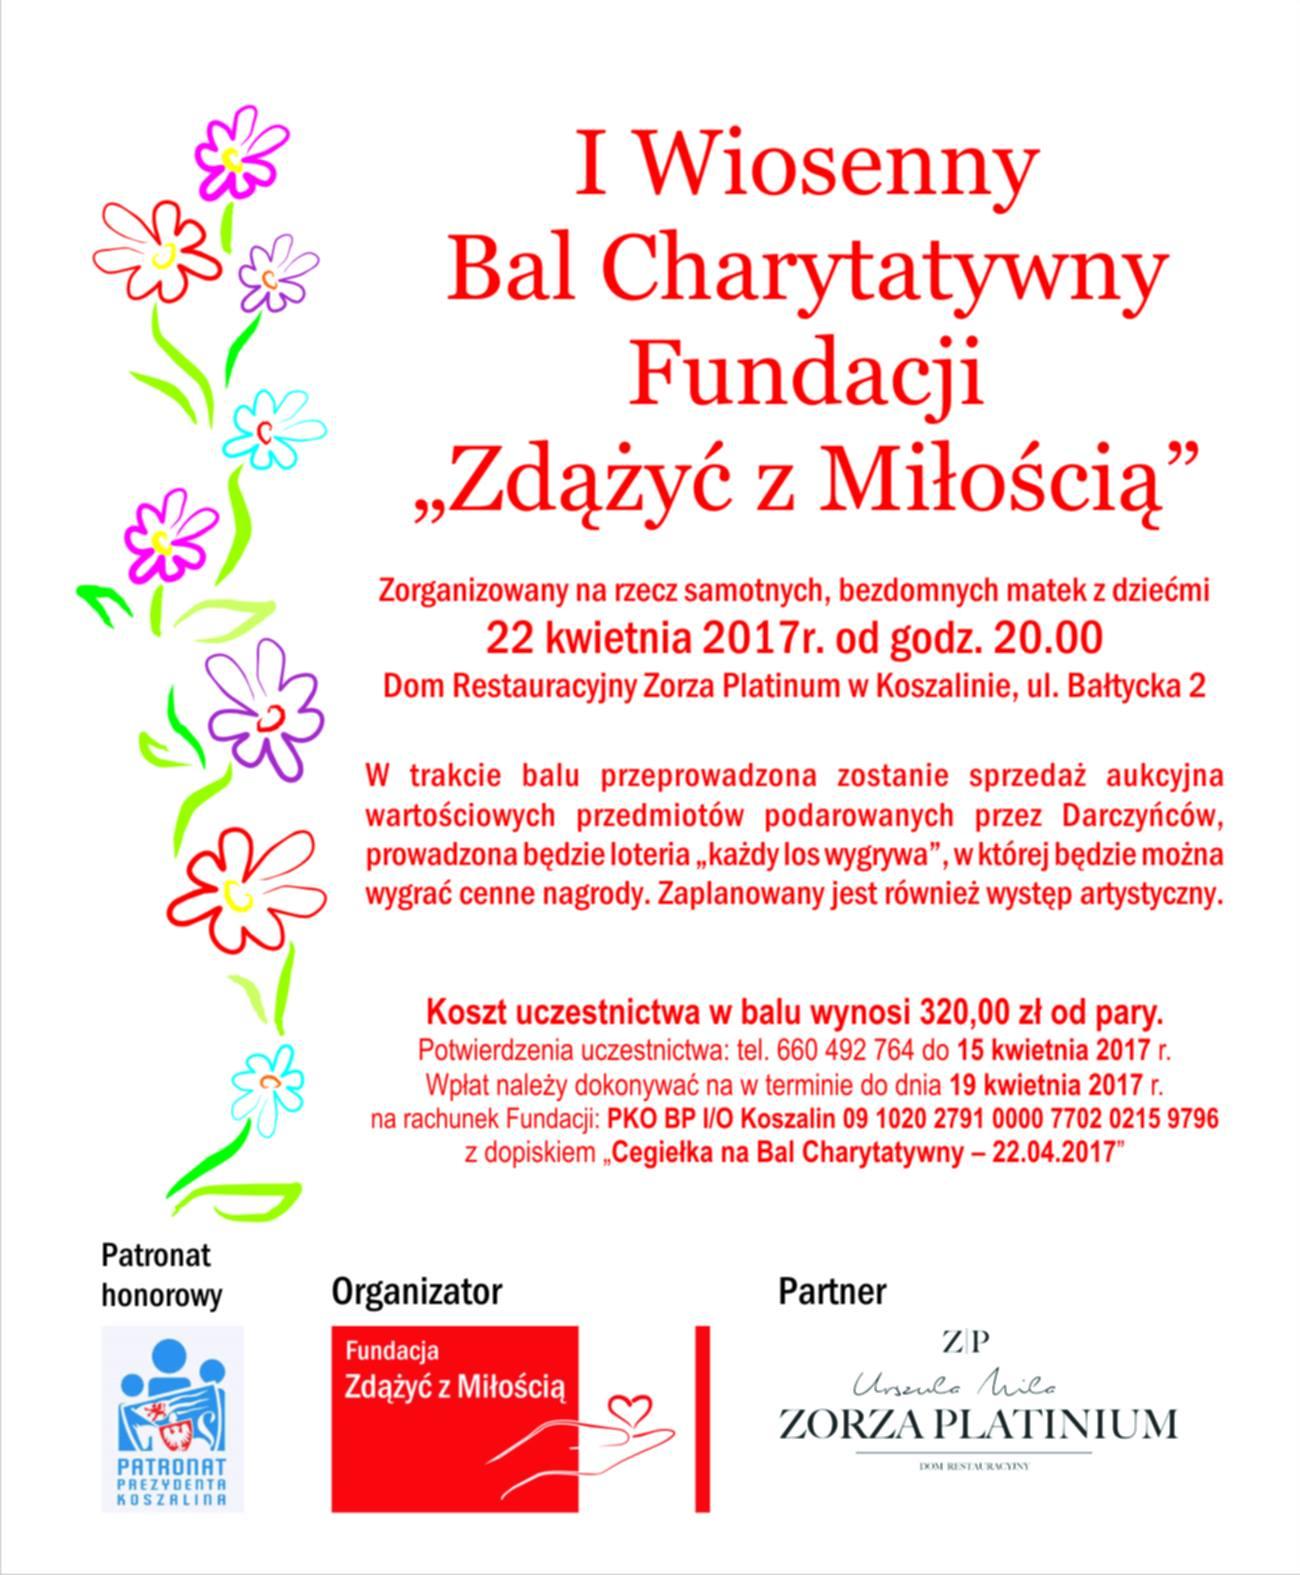 I Wiosennu Bal Charytatywny_plakat popr